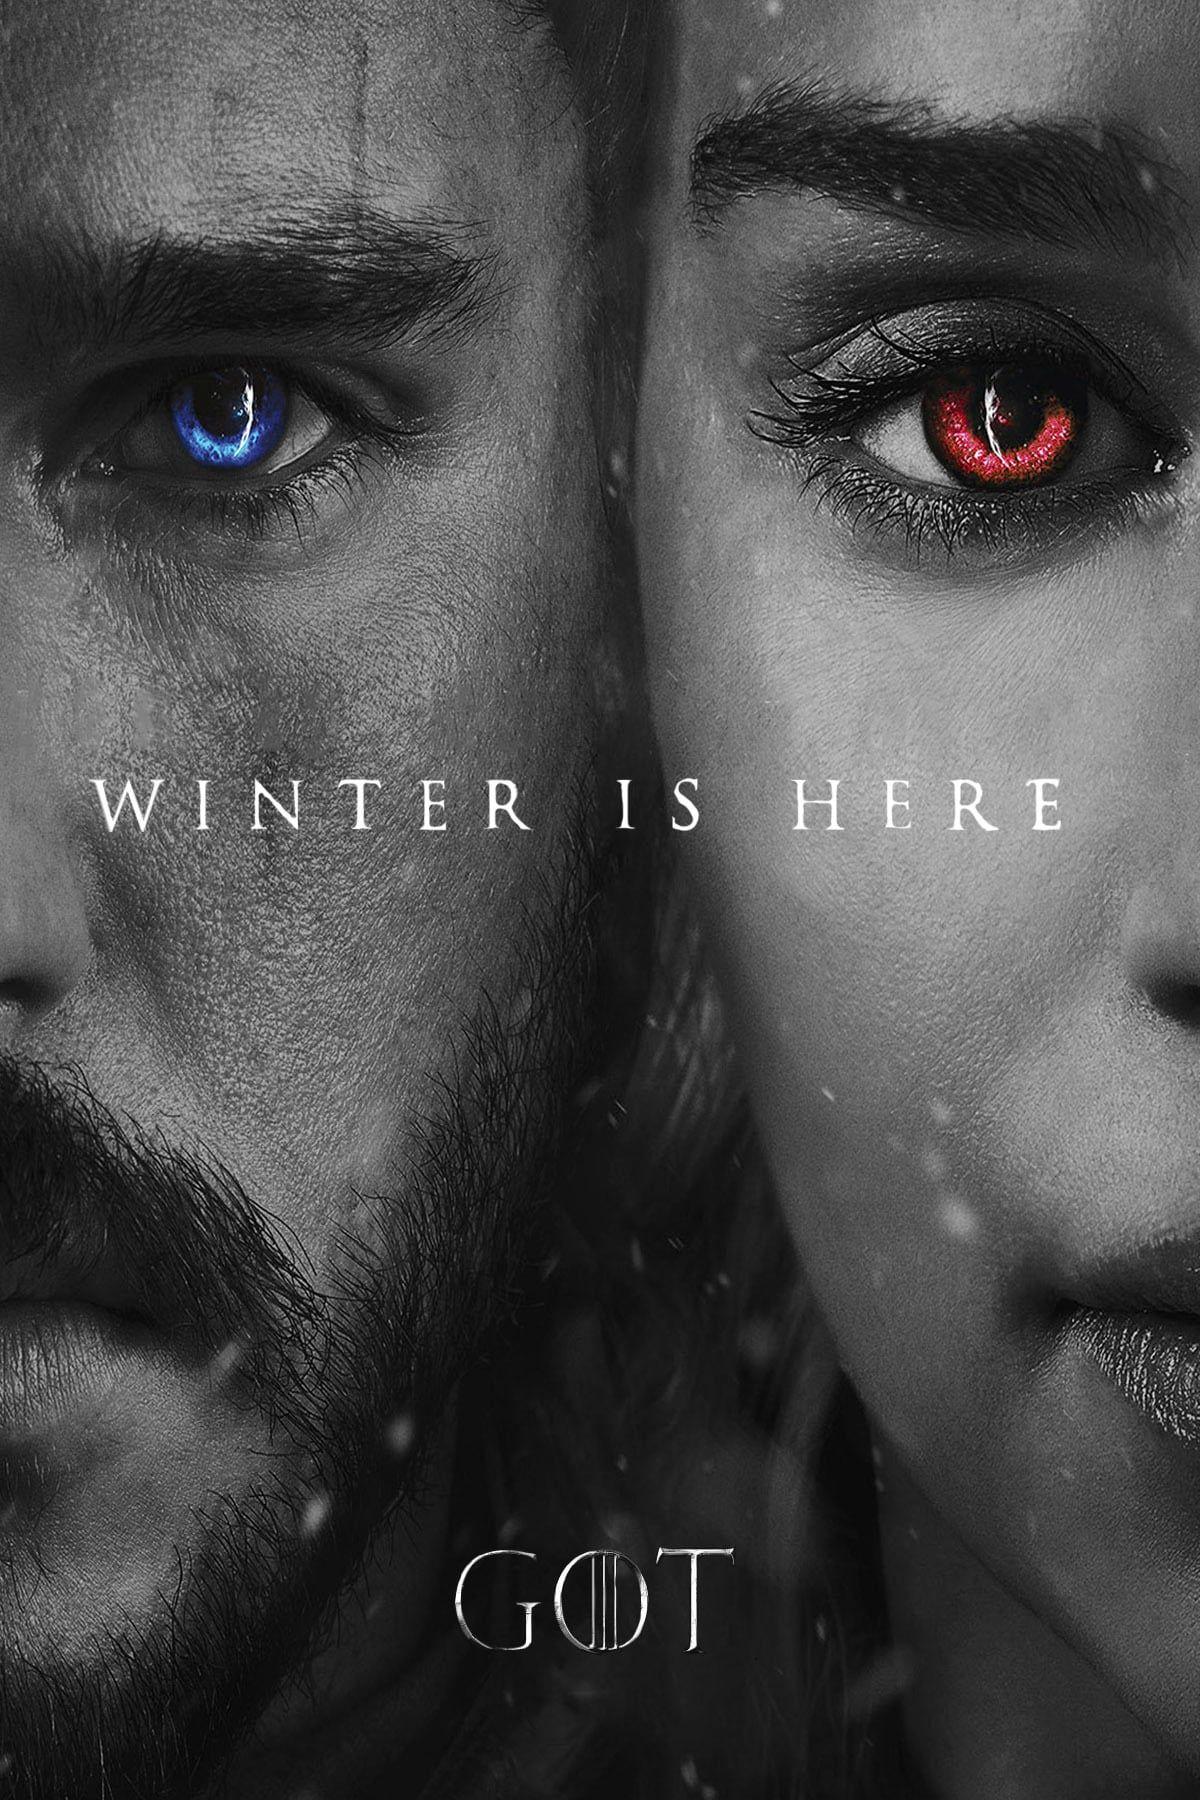 Ver Hd Juego De Tronos Temporada 8 Descargar Utorrent Series Tvyseries Topseries Juegodetronos Game Of Thrones Poster Got Game Of Thrones Game Of Thones